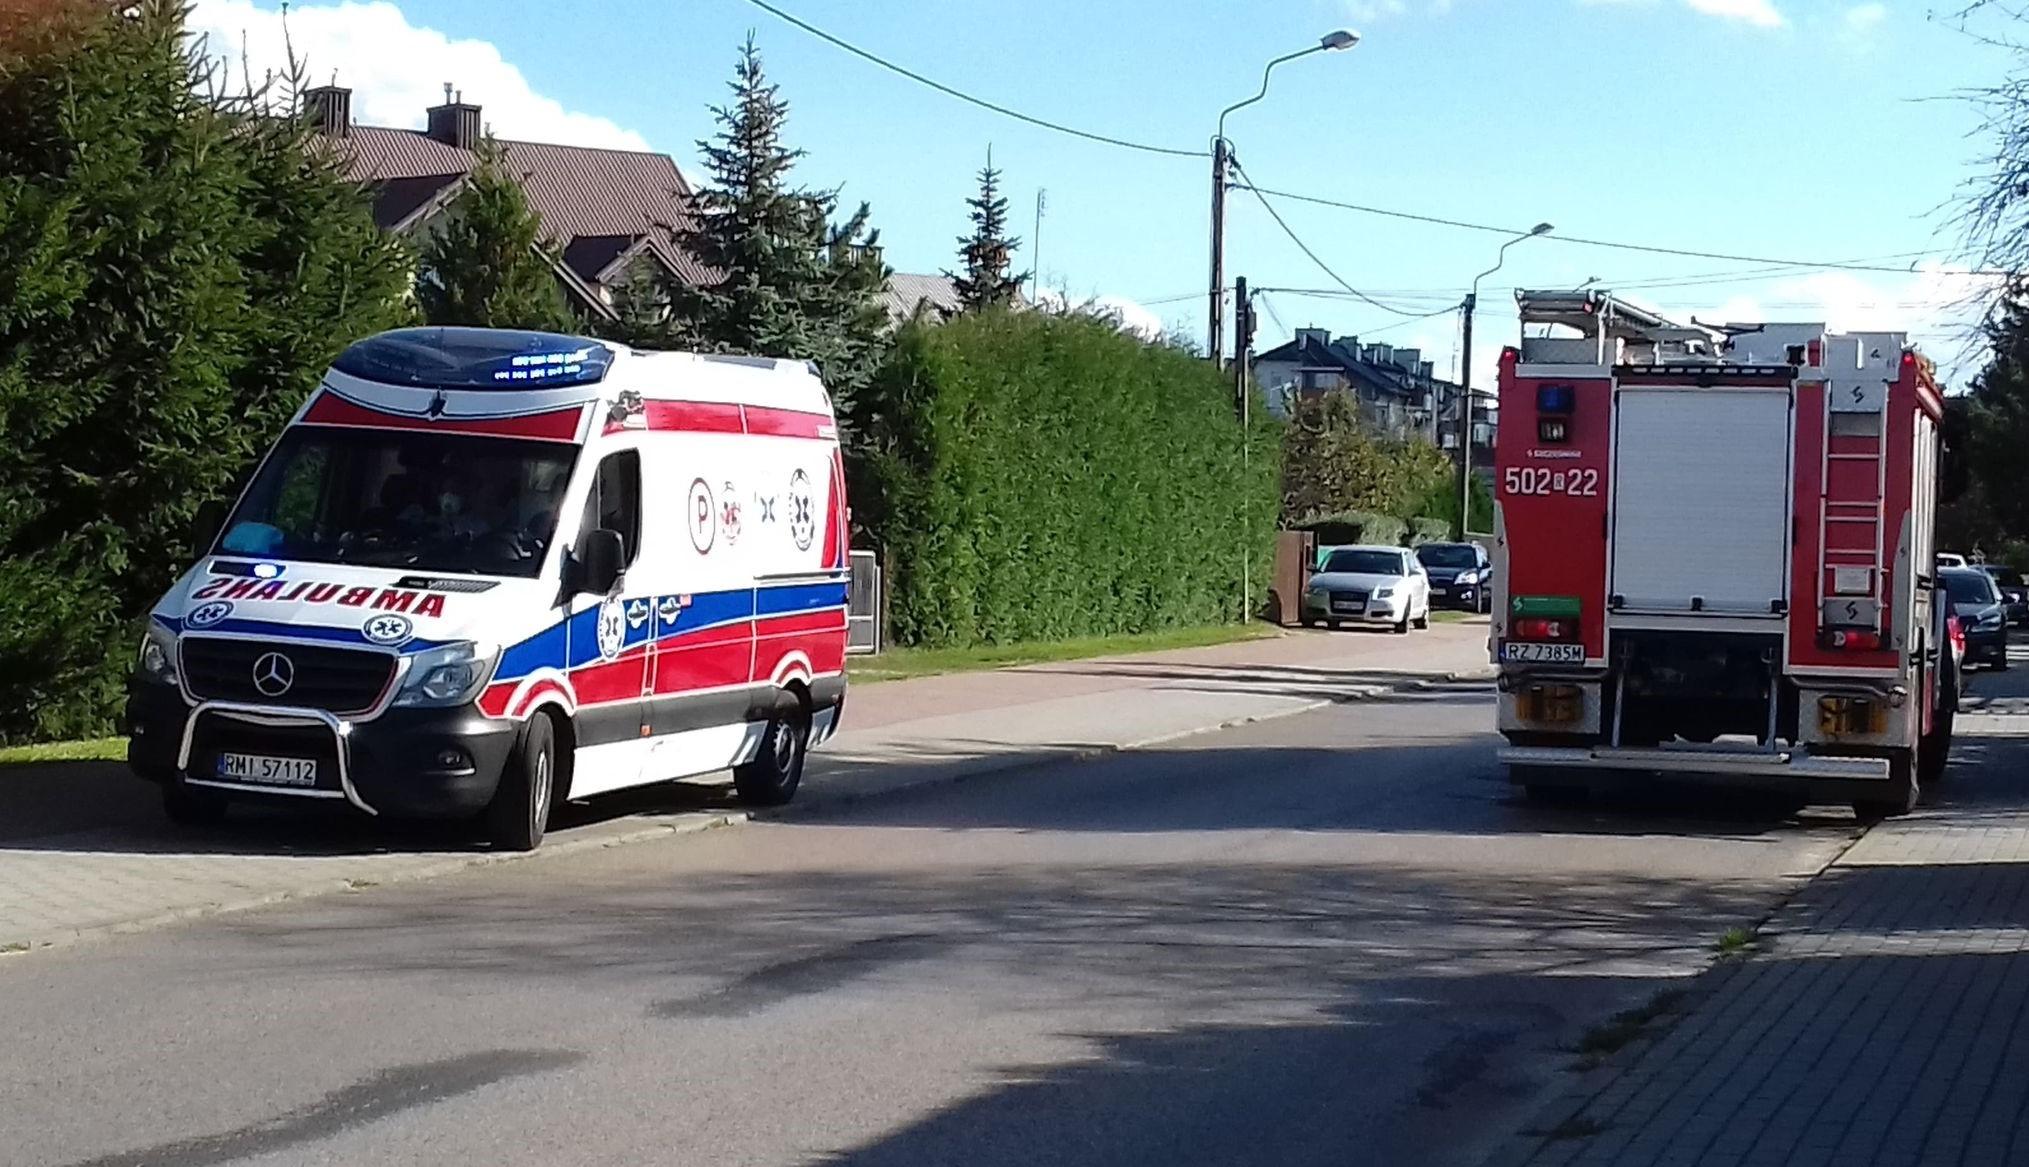 Dym wydostawał się z domu na ulicy Metalowców w Mielcu. Akcja służb - Zdjęcie główne